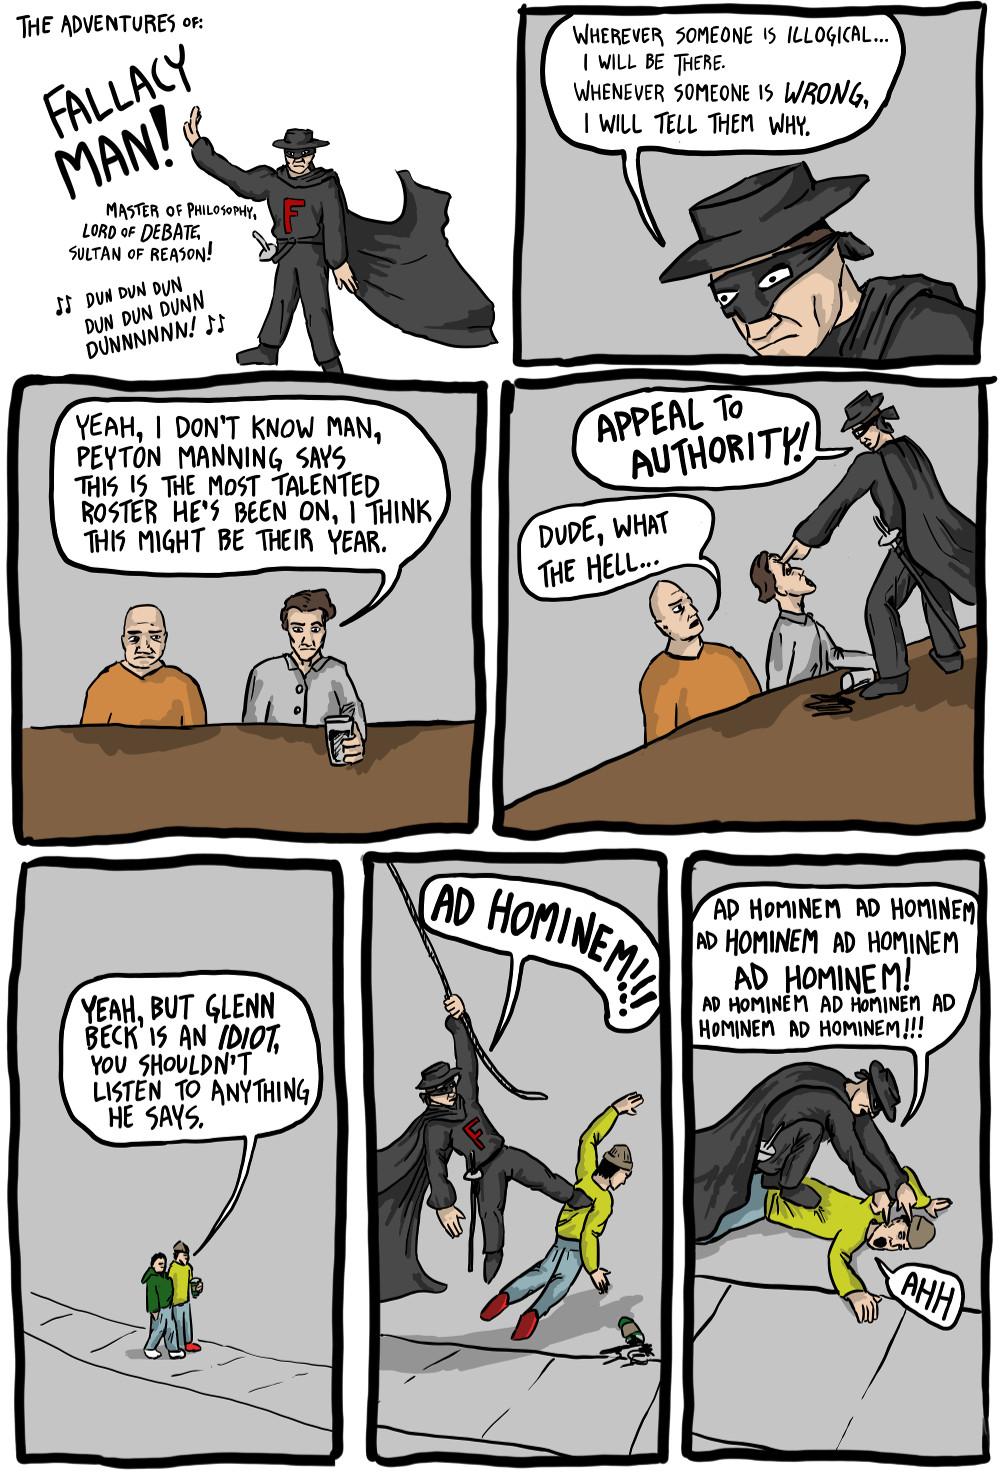 Strisce (nel senso di fumetti) FallacyMan1